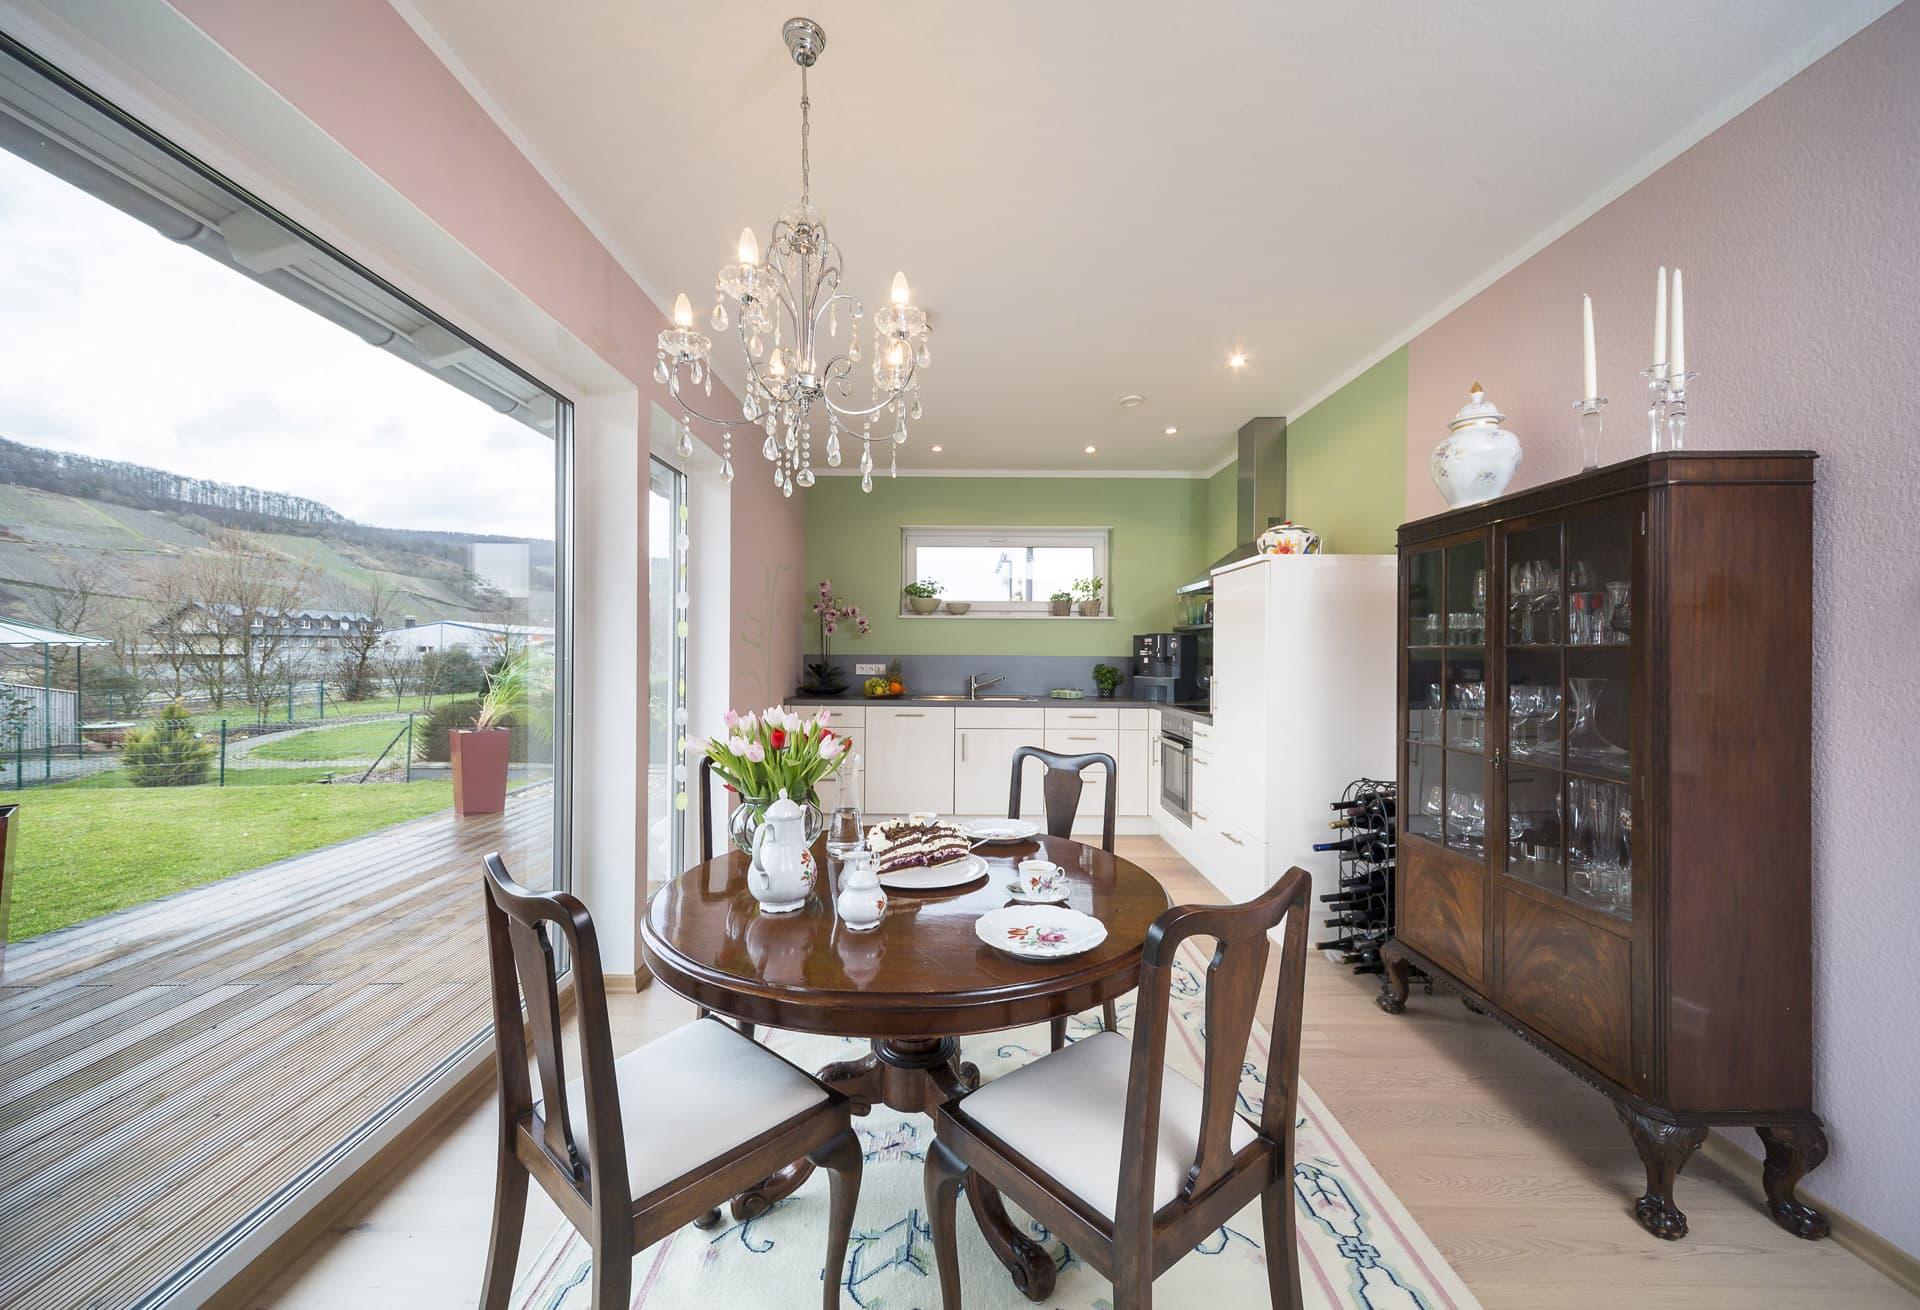 schw rerhaus bungalow ebenerdig. Black Bedroom Furniture Sets. Home Design Ideas